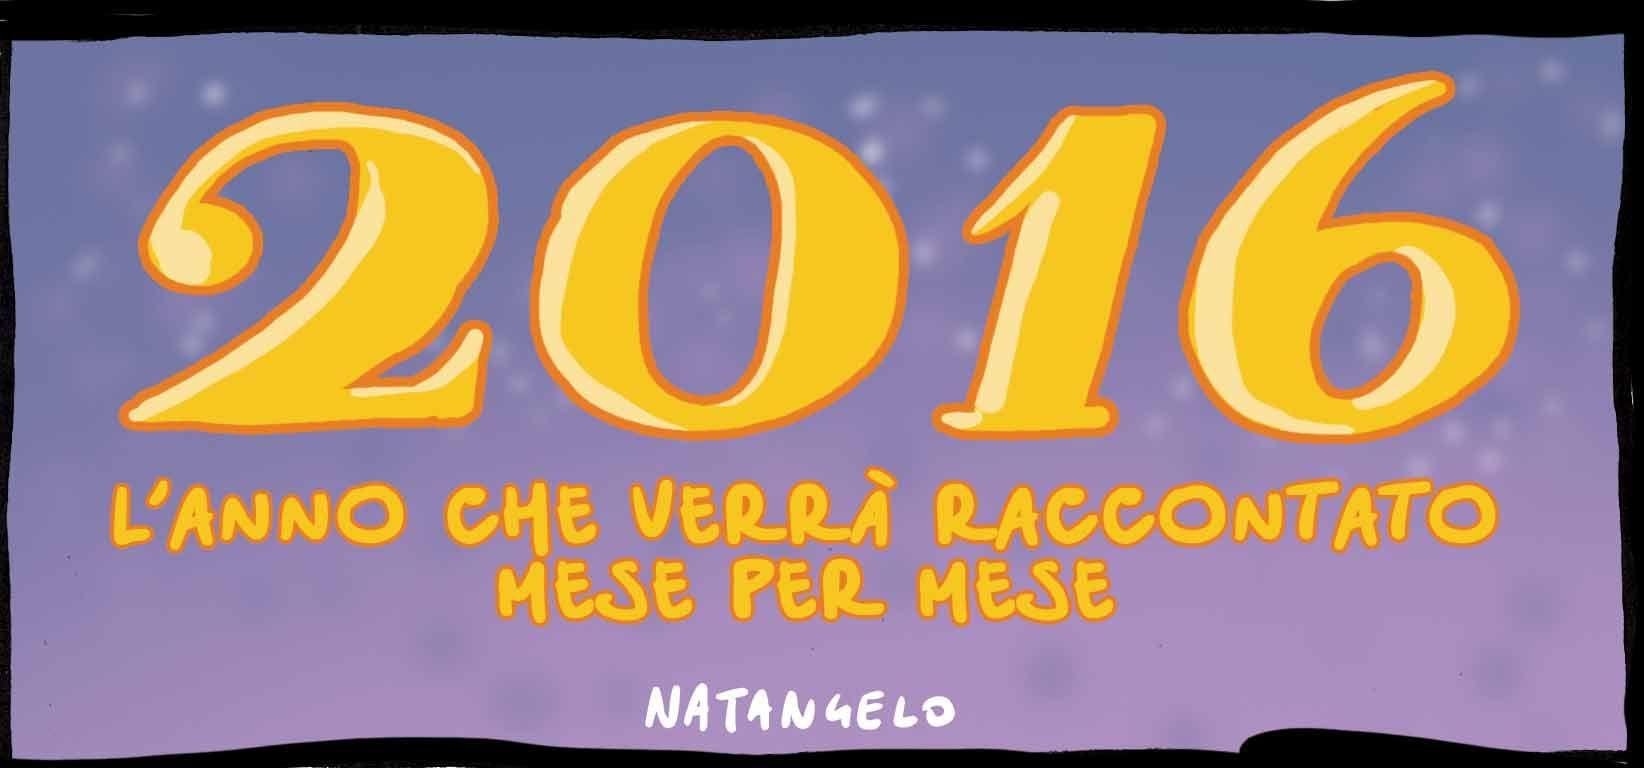 Che 2016 ci aspetta? Gli inizi non sembrerebbero dei migliori ma mai dire mai e al peggio non c'è mai fine. Per Il Fatto Quotidiano ho raccontato quello che ci aspetterà, mese per mese, dagli…